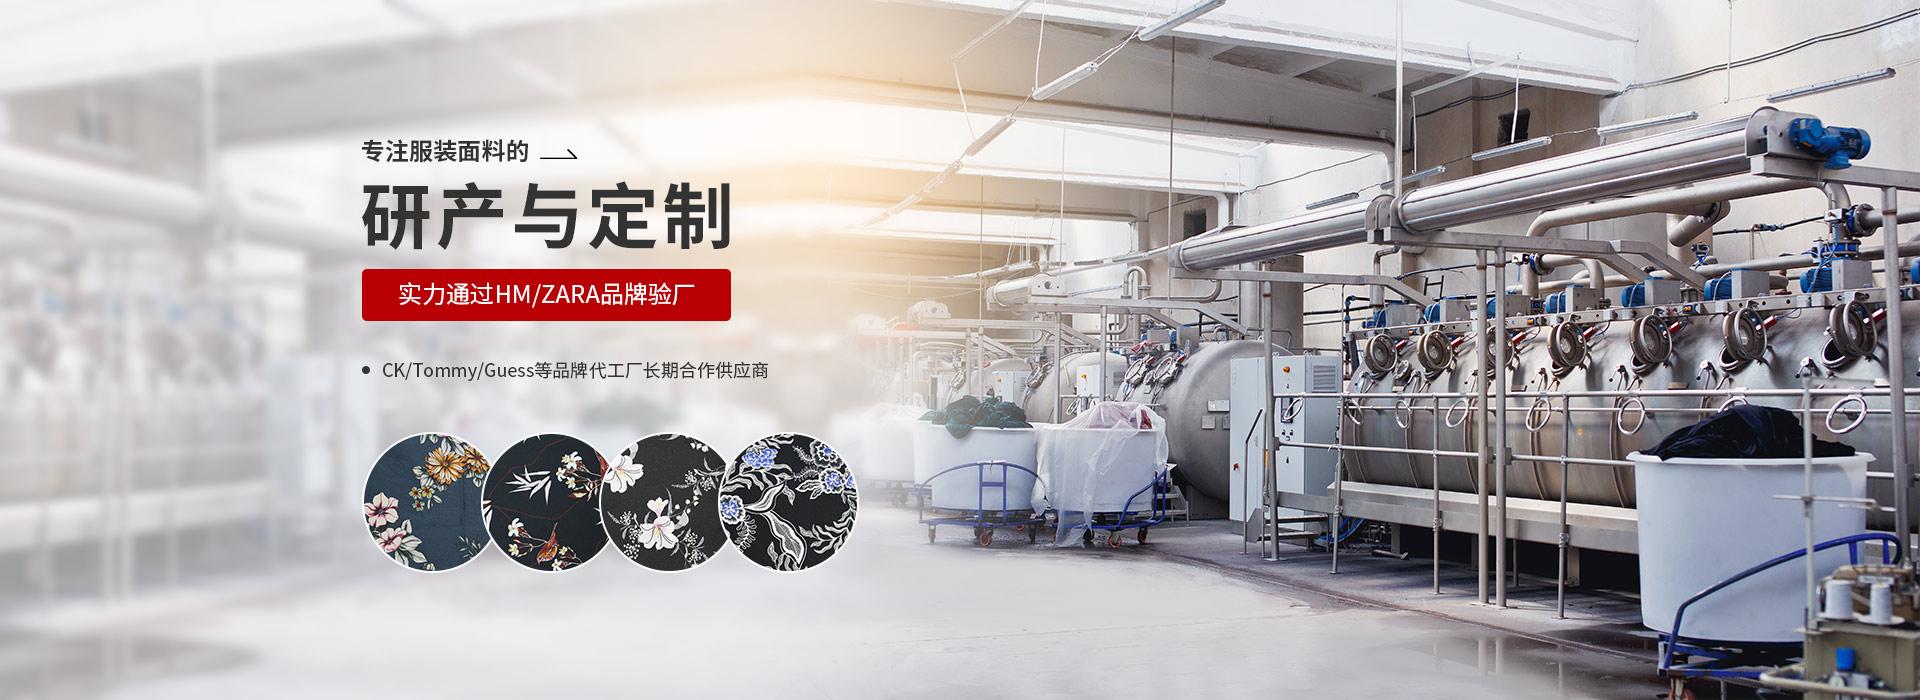 新成纺织专注服务面料的研产与定制